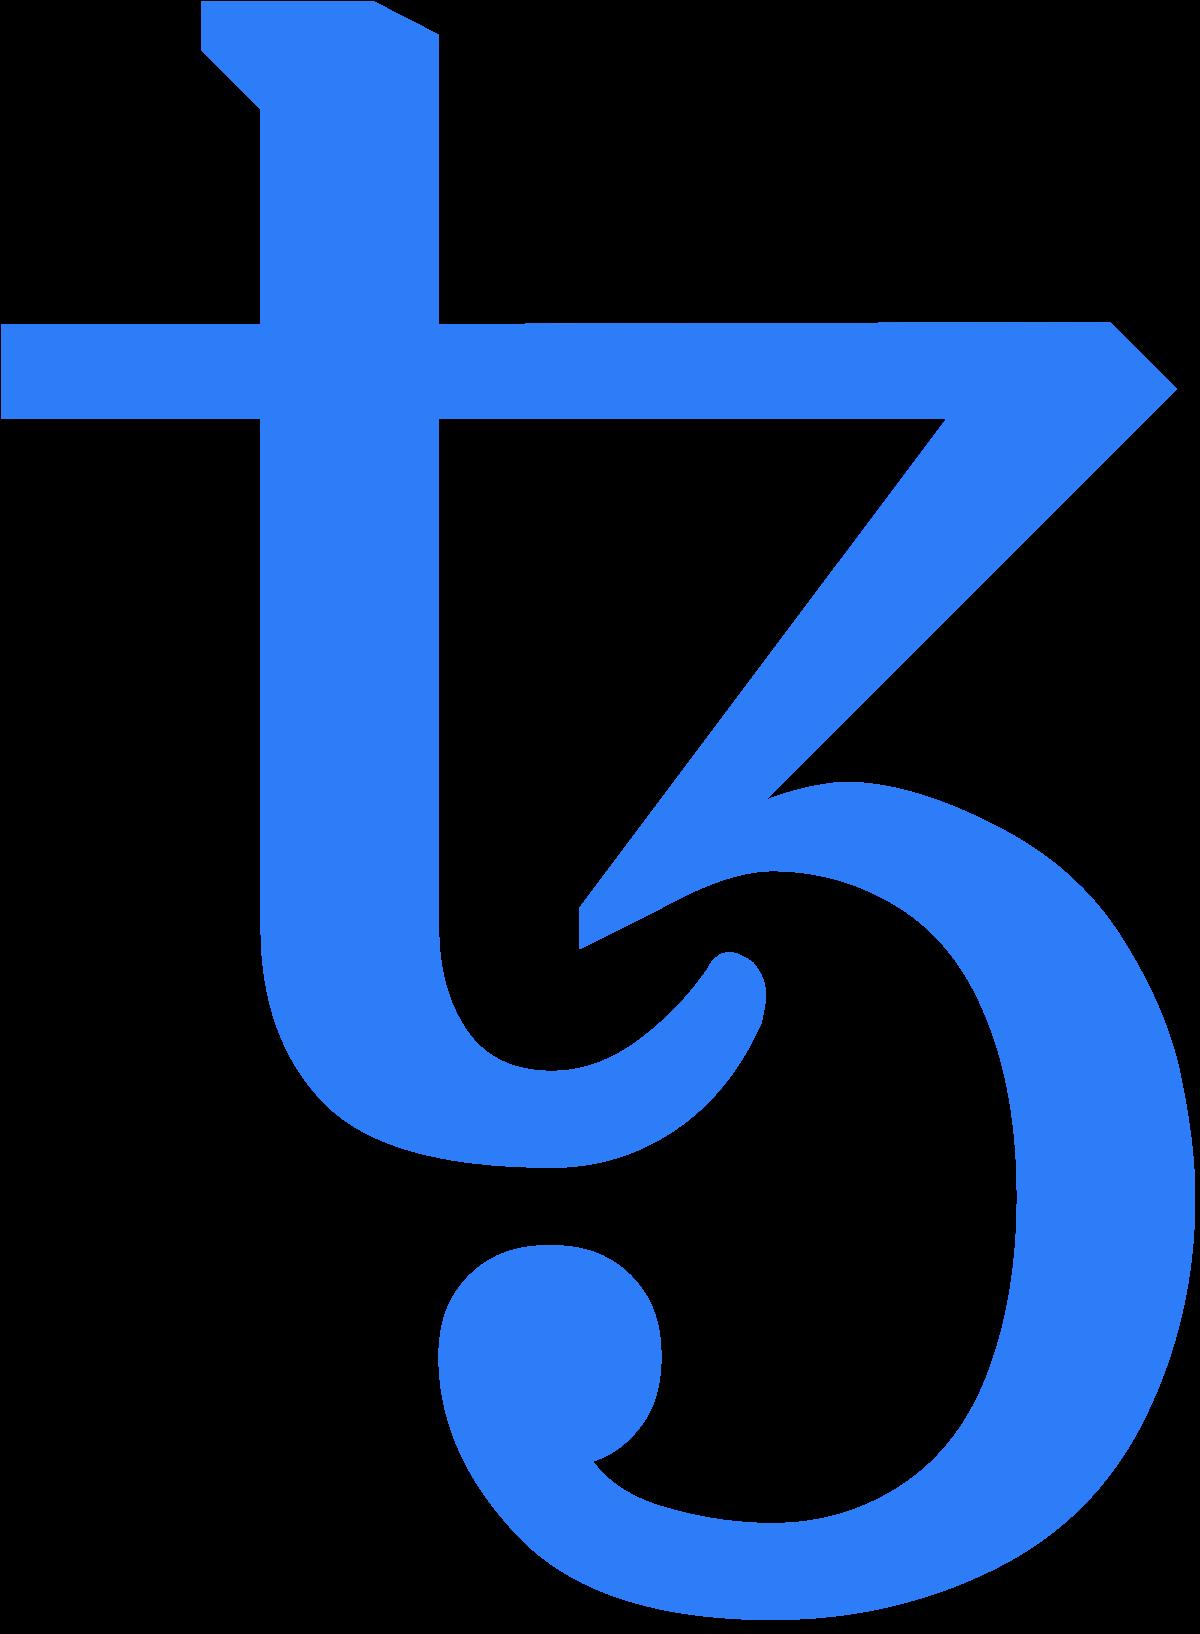 Tezos - Wikipedia